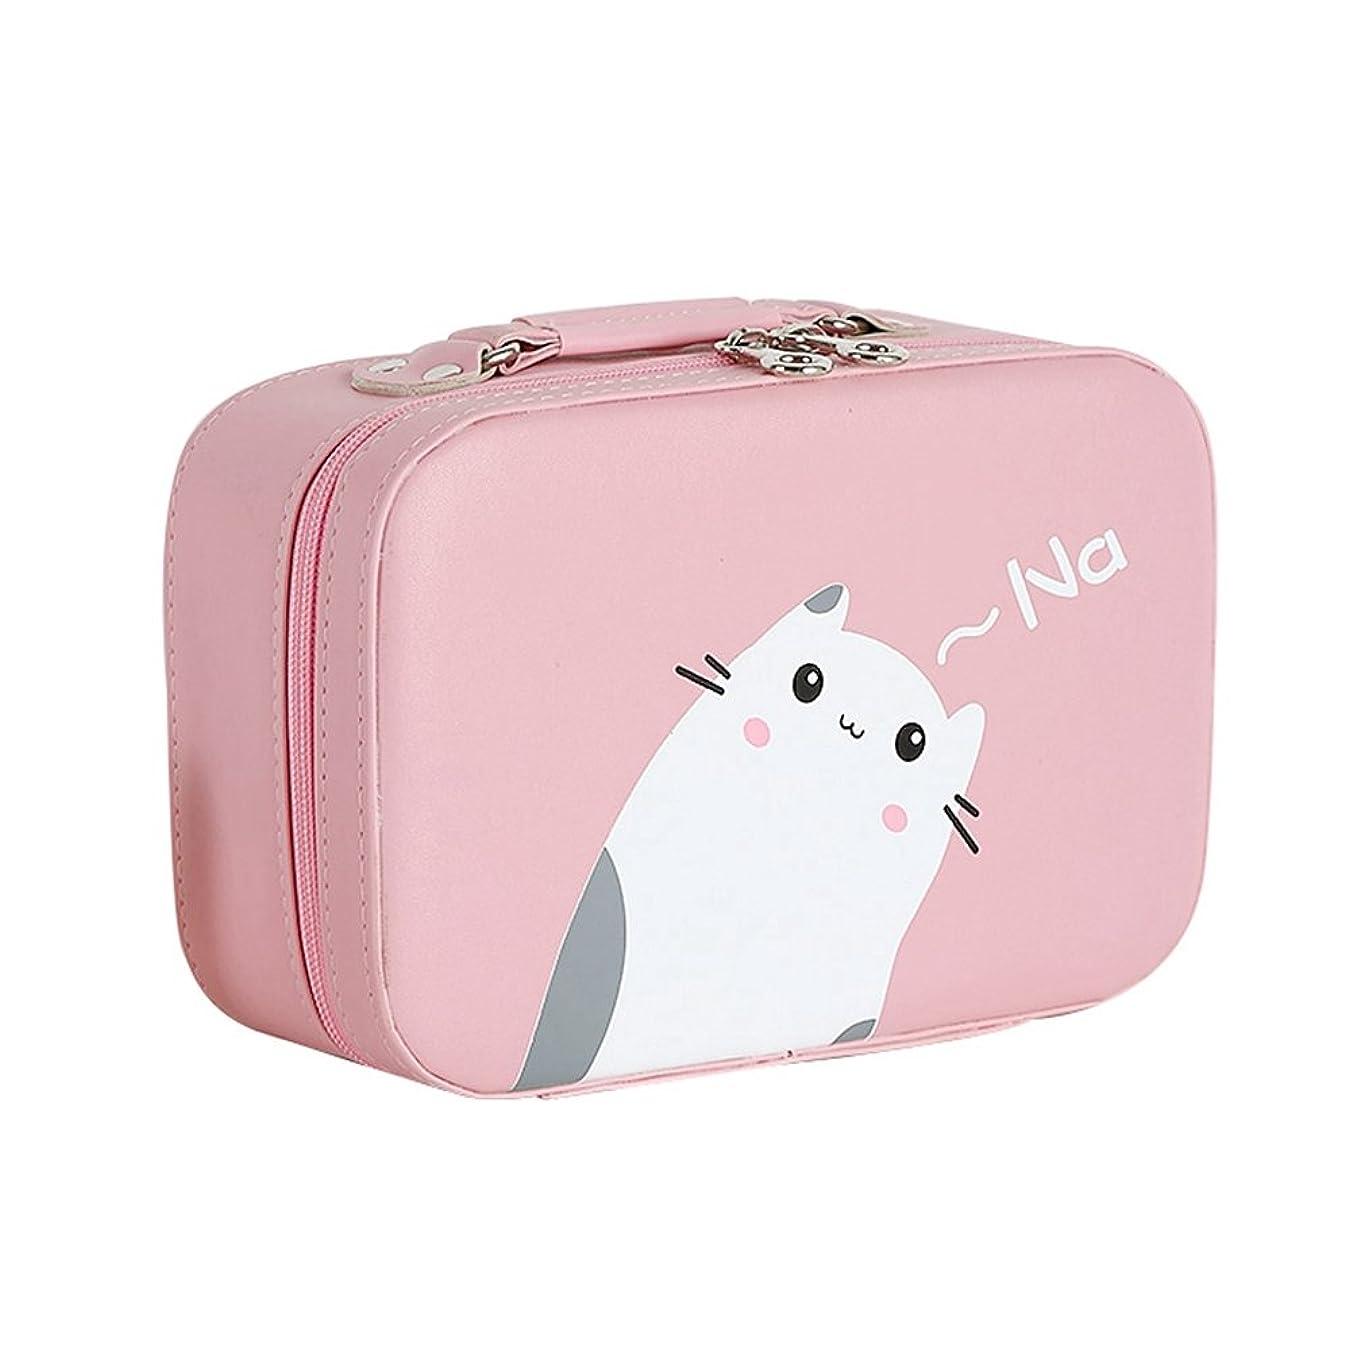 叫び声荒れ地最初は店舗]化粧ポーチ 大容量 機能的 猫柄 11選択 メイクポーチ 化粧ボックス バニティーケース 仕切り 鏡付き ブラシ収納 取っ手付き ダブルジップ 撥水加工 かわいい おしゃれ 軽量 女性